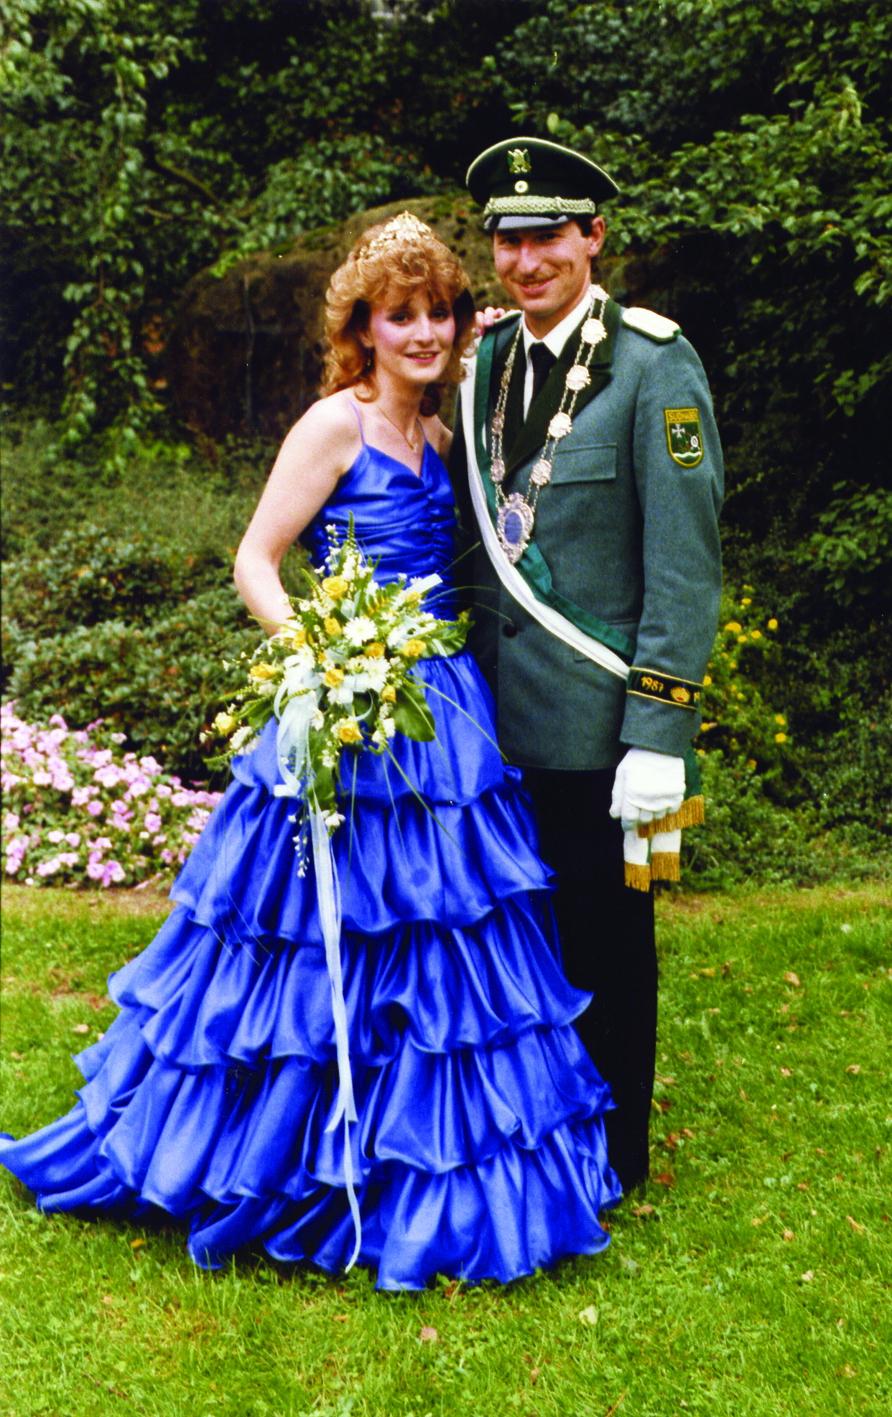 Königspaar 1987 Heinz-Josef Niggemeier und Monika Eblenkamp 30 Jahre